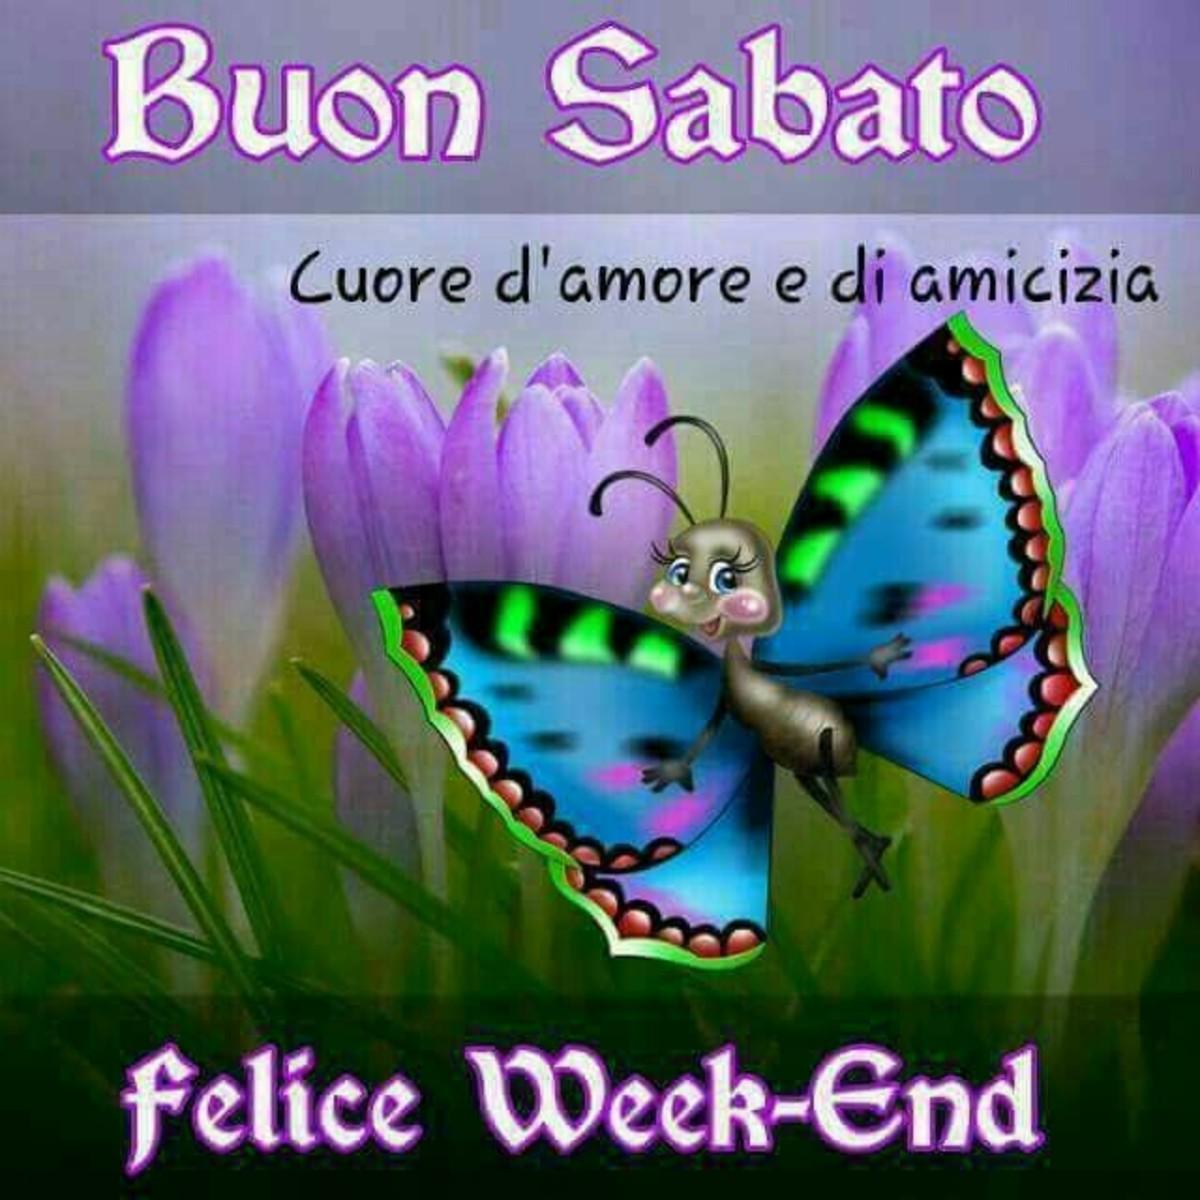 Buon Sabato, Felice Week-End